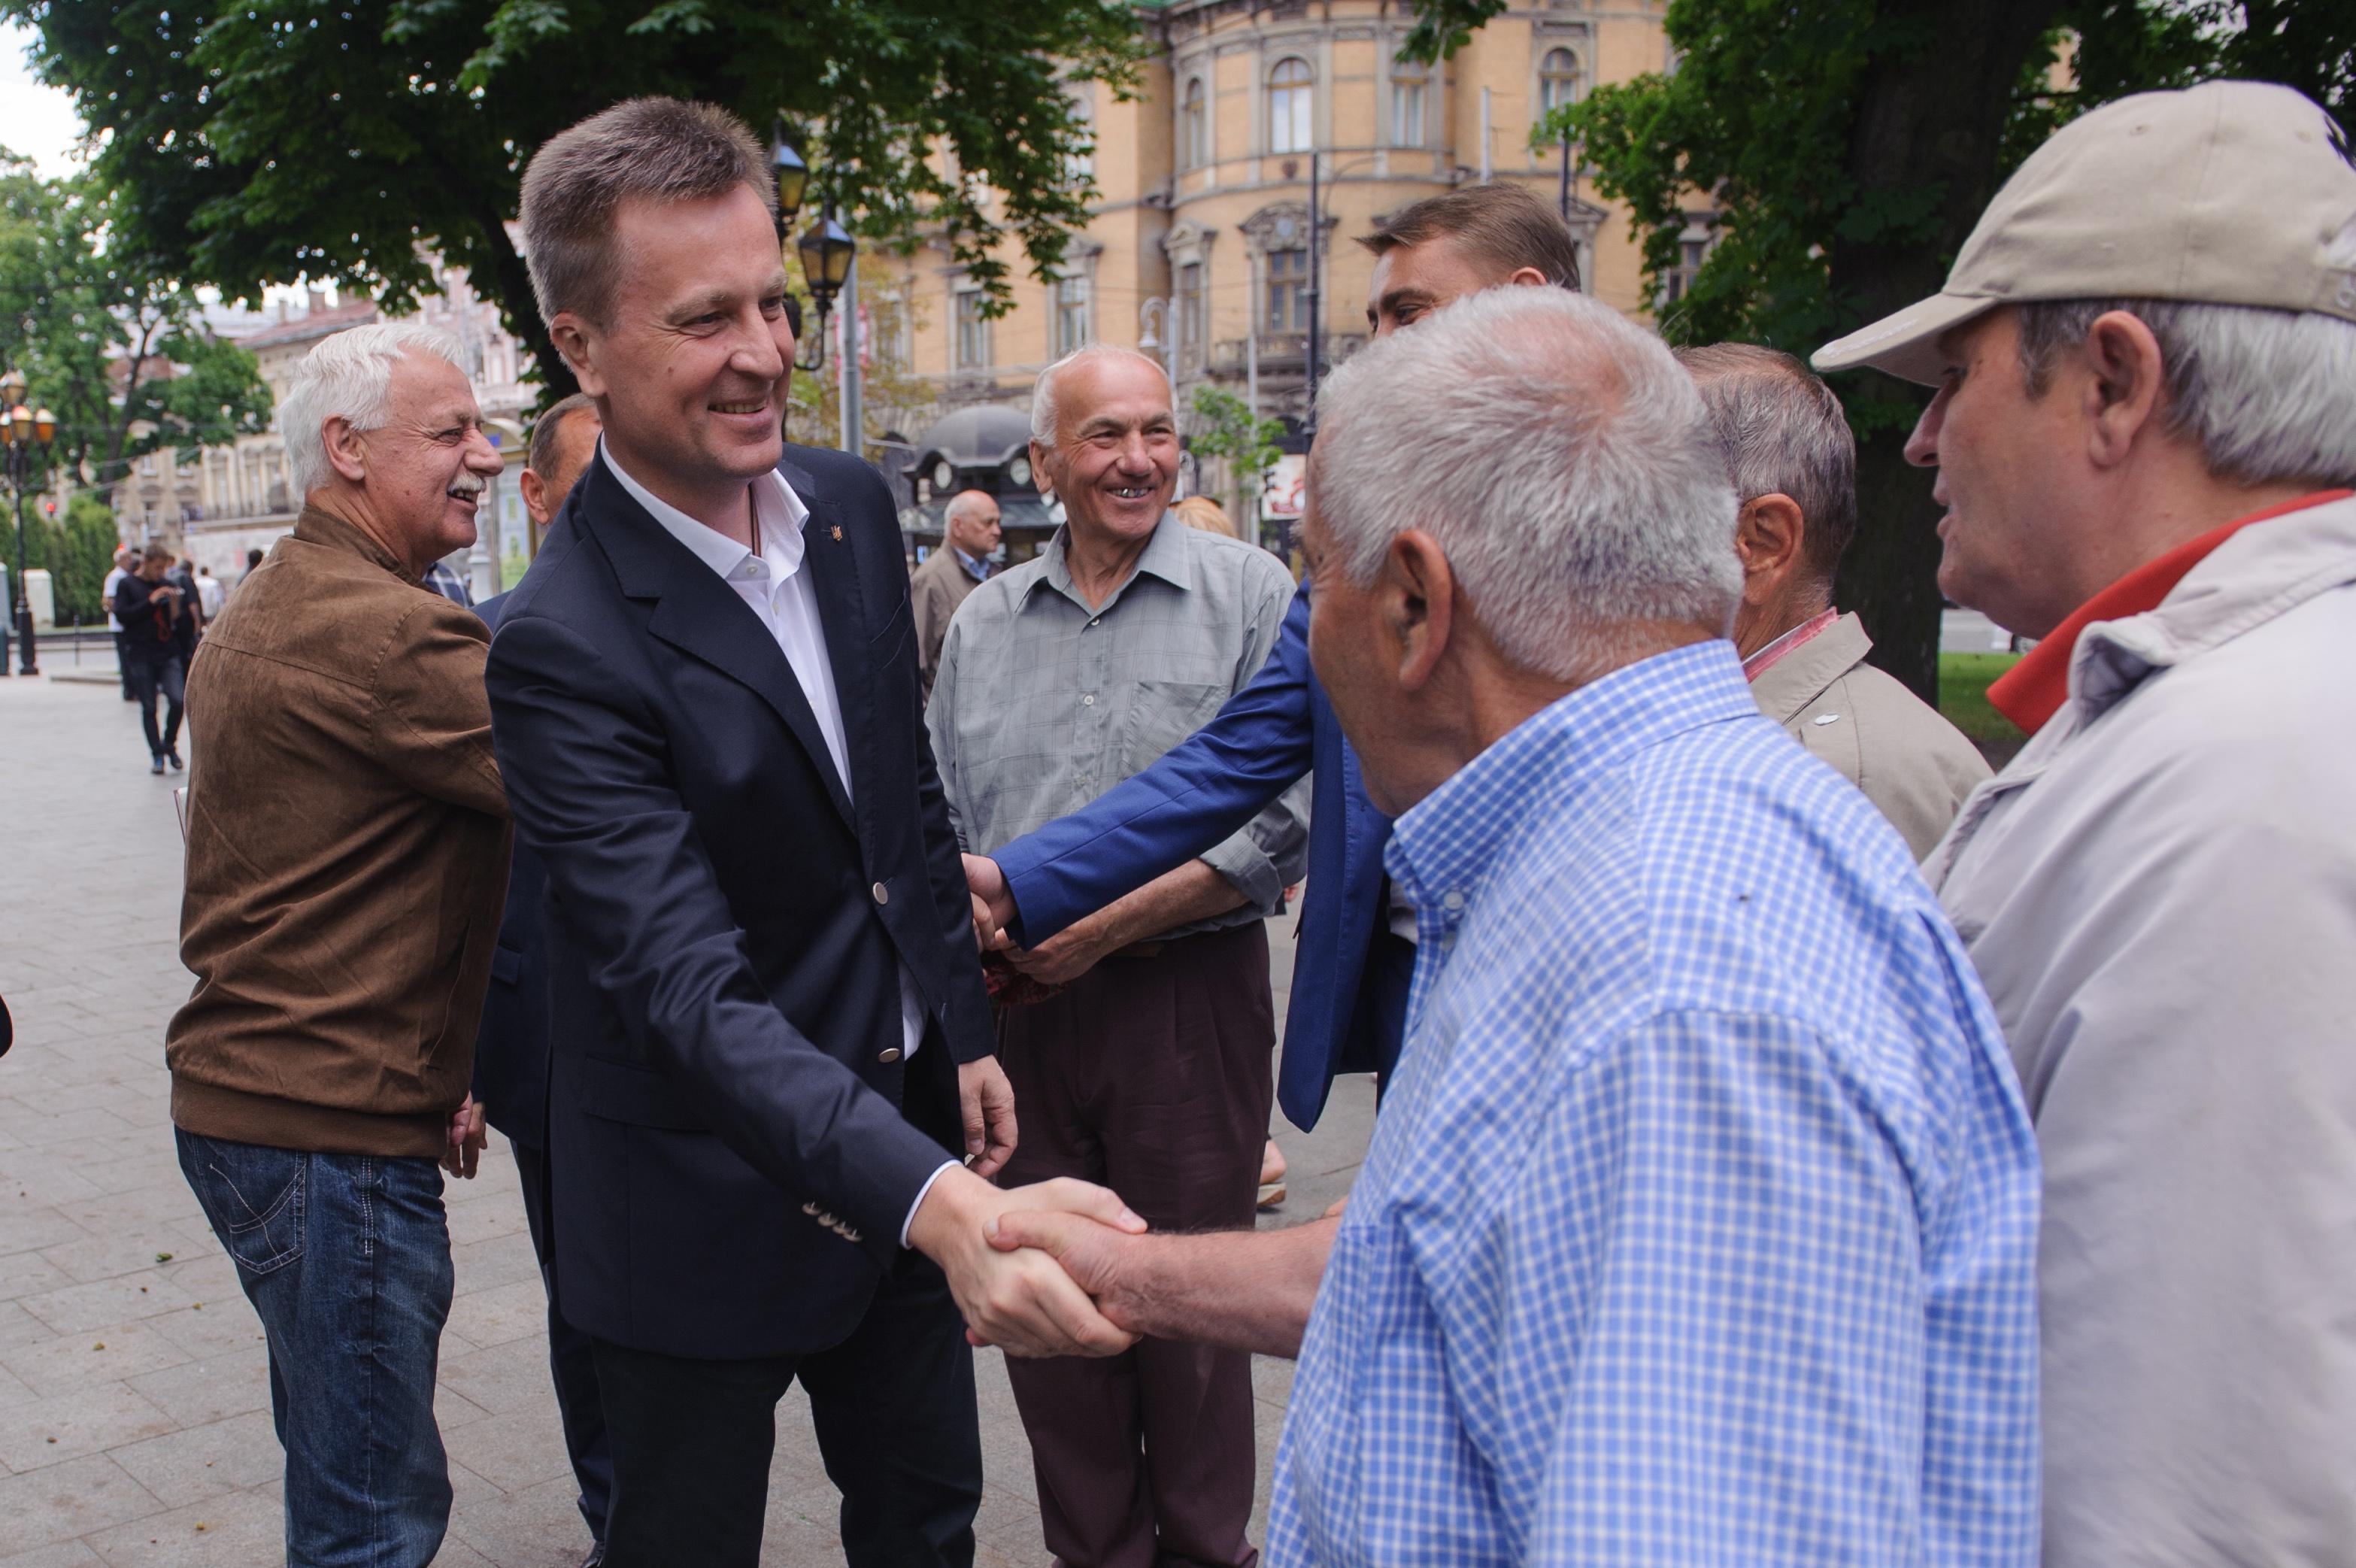 Наливайченко: В Парламенте слишком много коррупции. Это не дает депутатам голосовать так, как требуют избиратели. Фото: spravedlyvist.com.ua